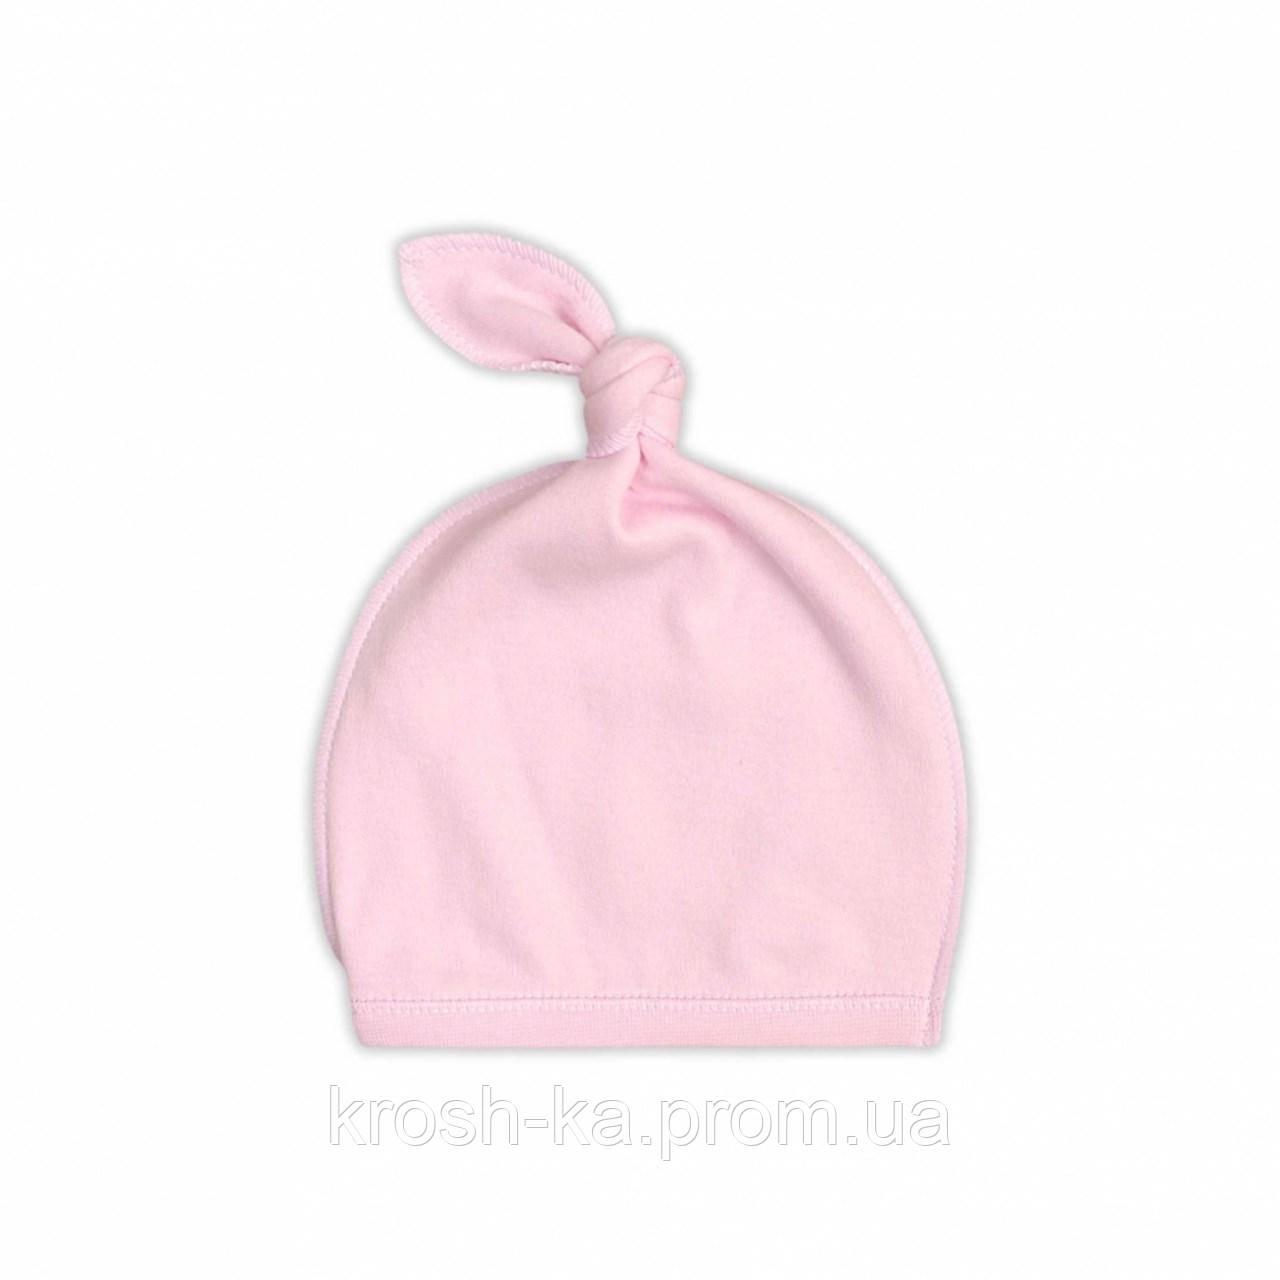 Шапочка для новорожденных Sweet Teddy (Гарден)Garden Baby Украина розовая 25190-02